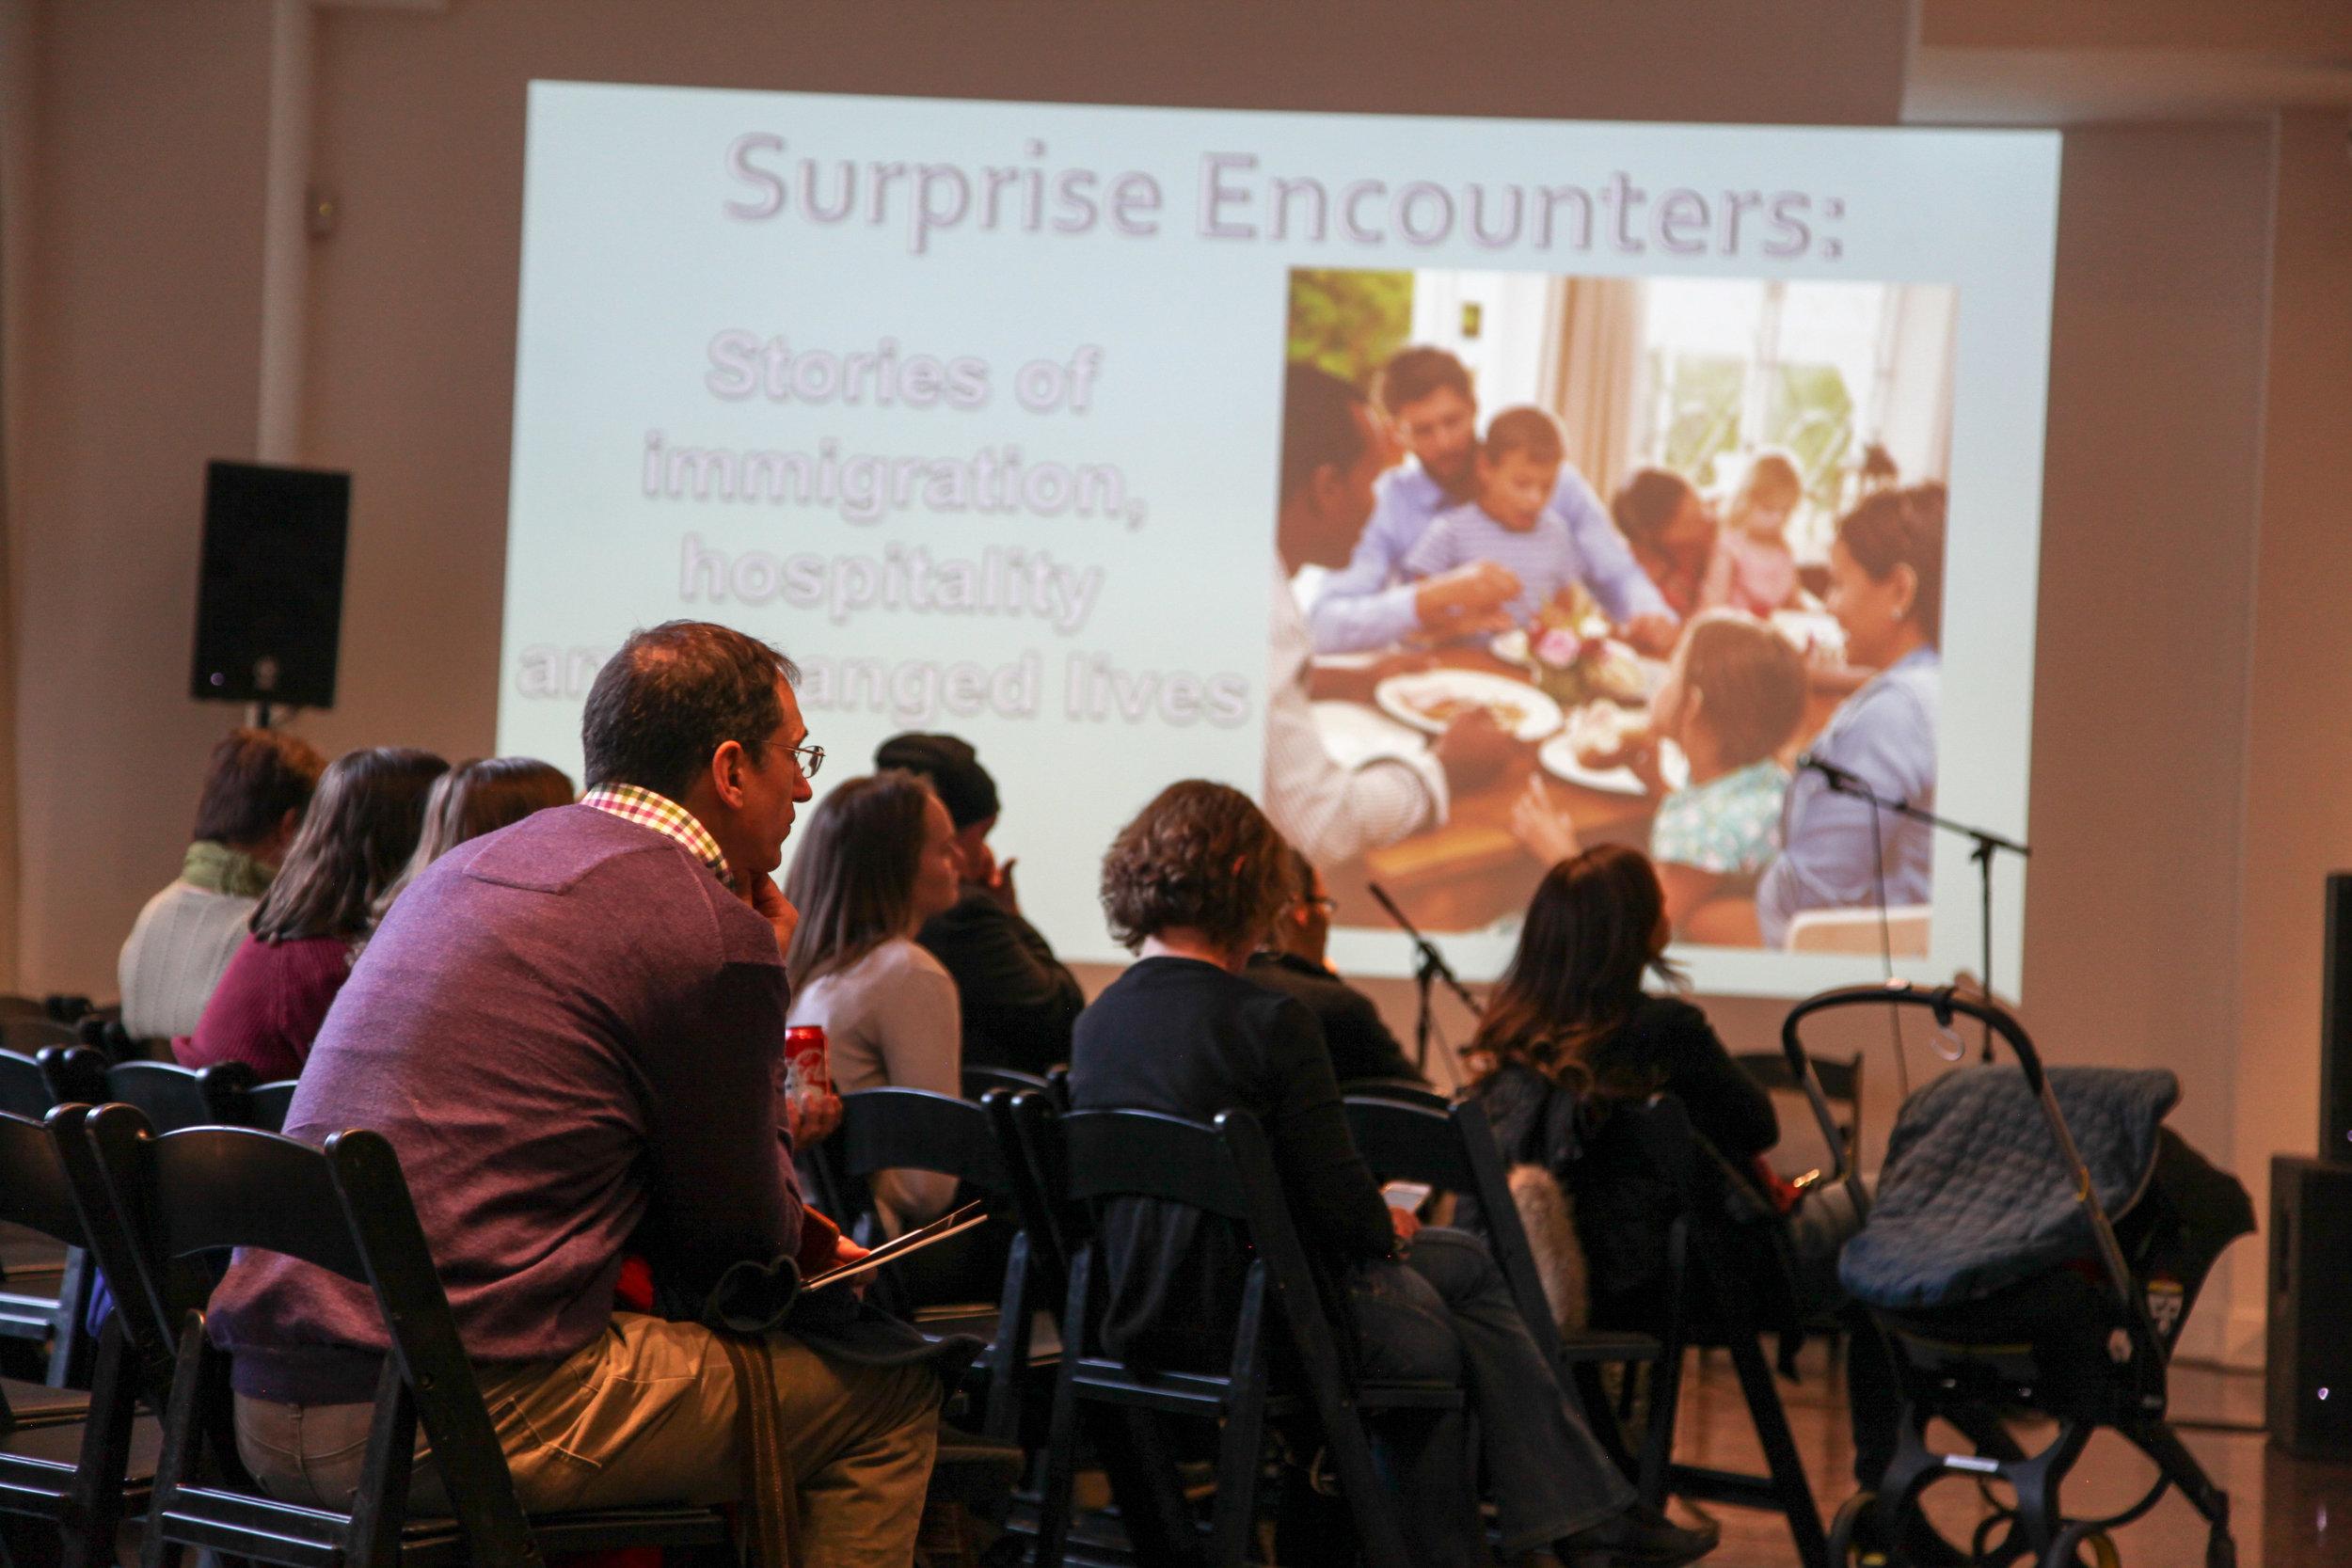 exhibit-presentation-surprise-encounters_24816411207_o.jpg